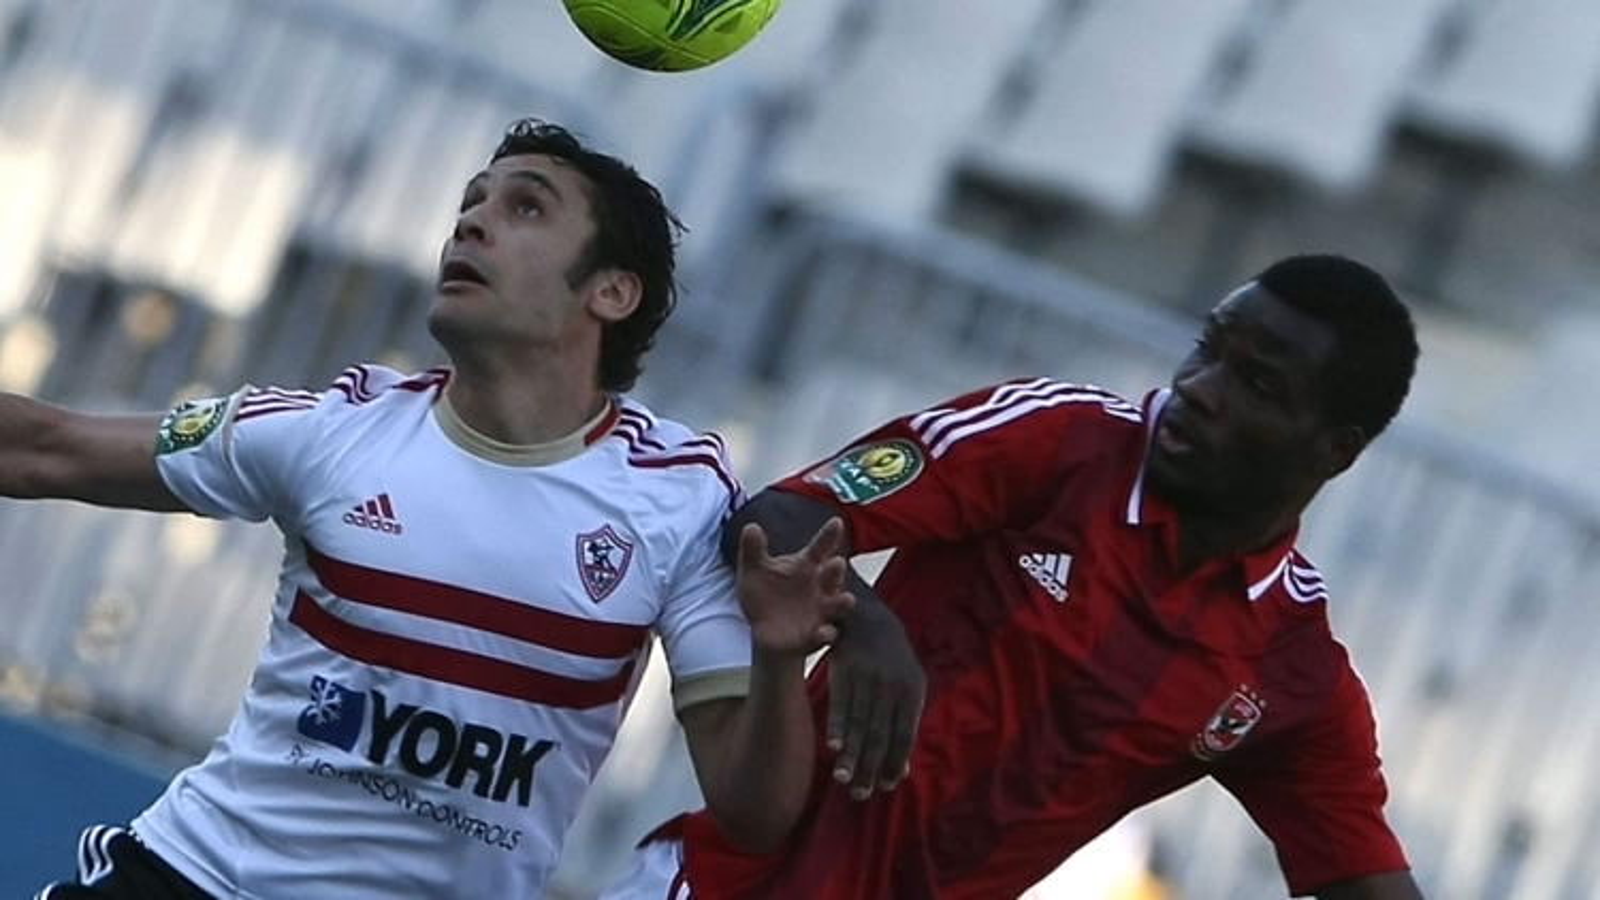 Bình Dương đăng ký cầu thủ từng vô địch châu Phi thi đấu V-League 2021